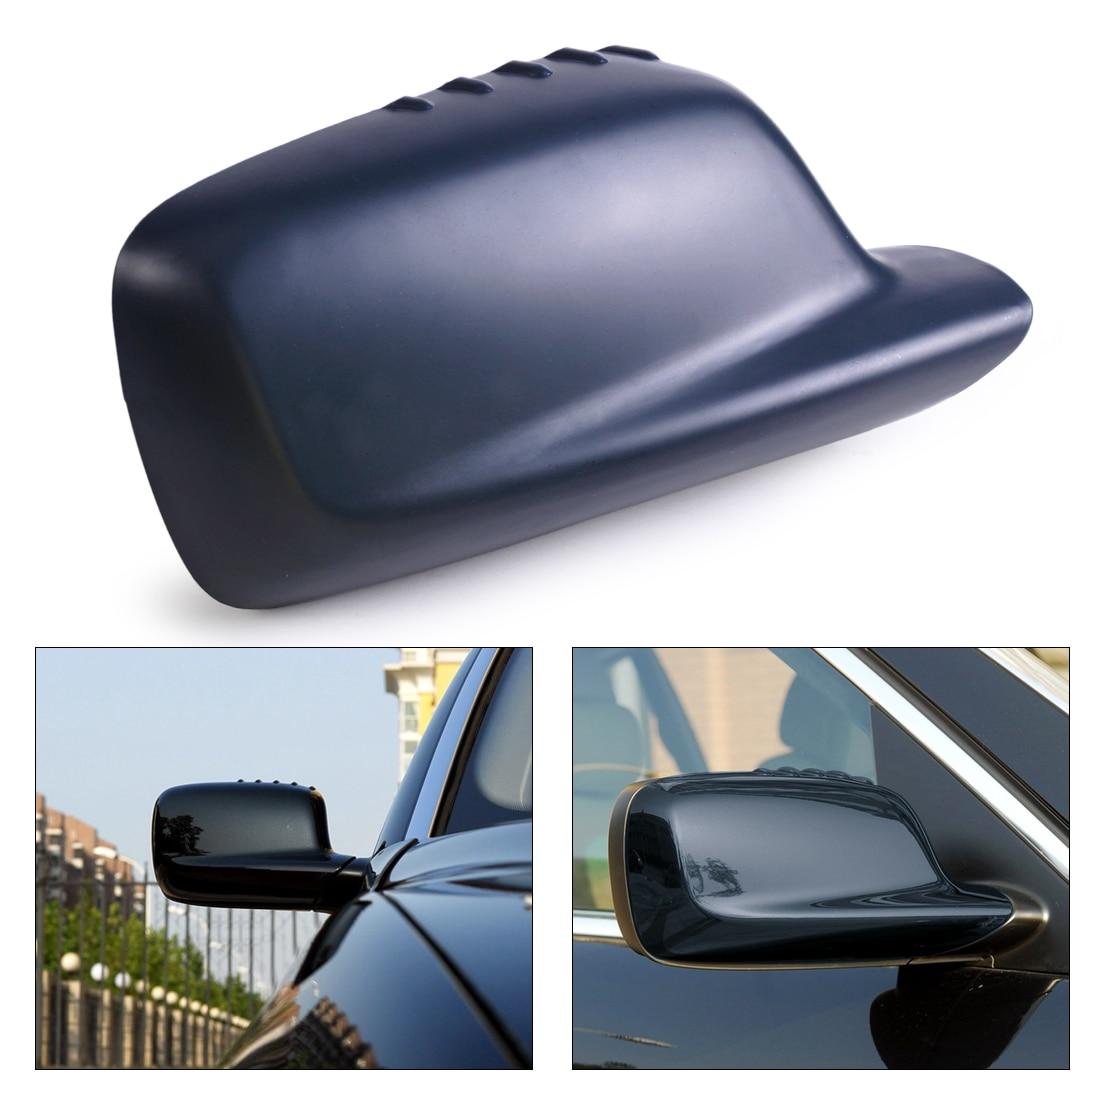 DWCX New Right Door Mirror Cover Cap Cover 51167074236 For BMW E46 E65 E66 323Ci 328Ci